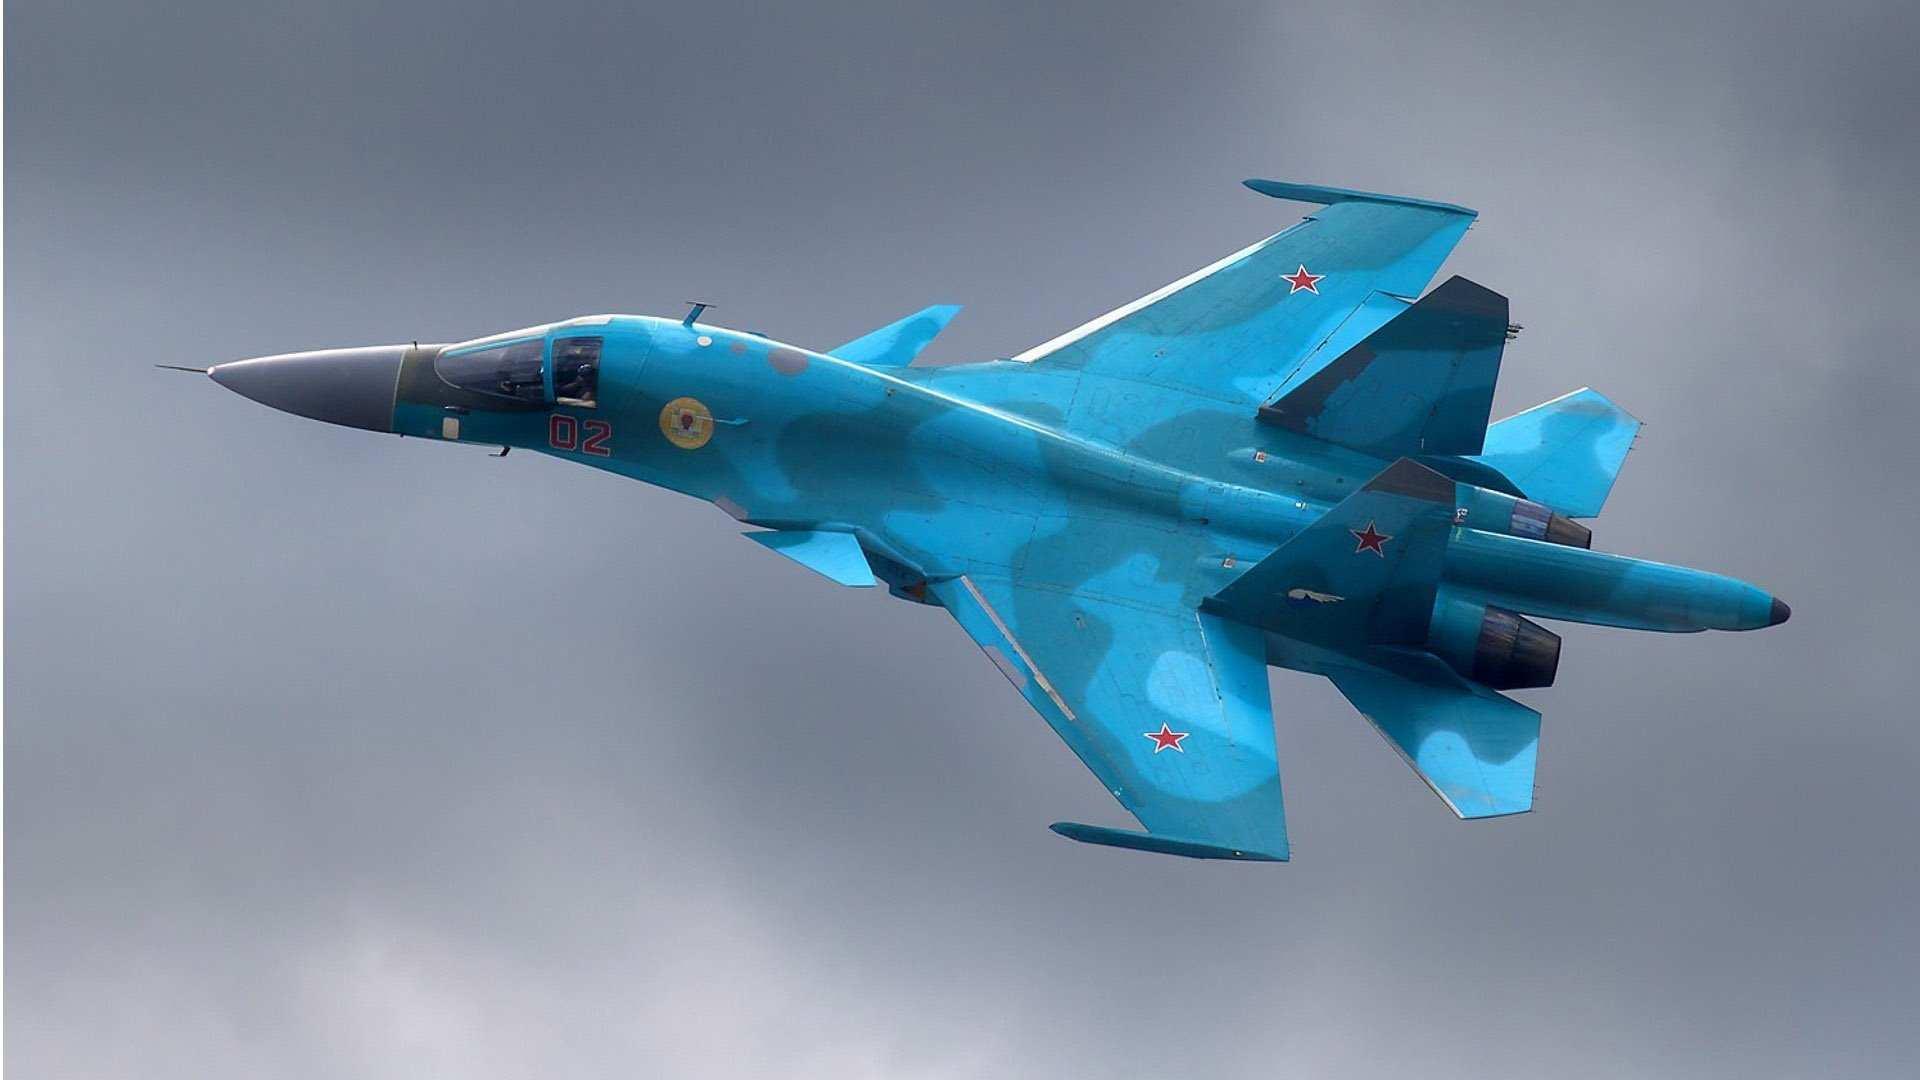 ВАЖНО: Террористы заявили, что сбили российский СУ-34 в Сирии — экспресс-расследование (ВИДЕО) | Русская весна